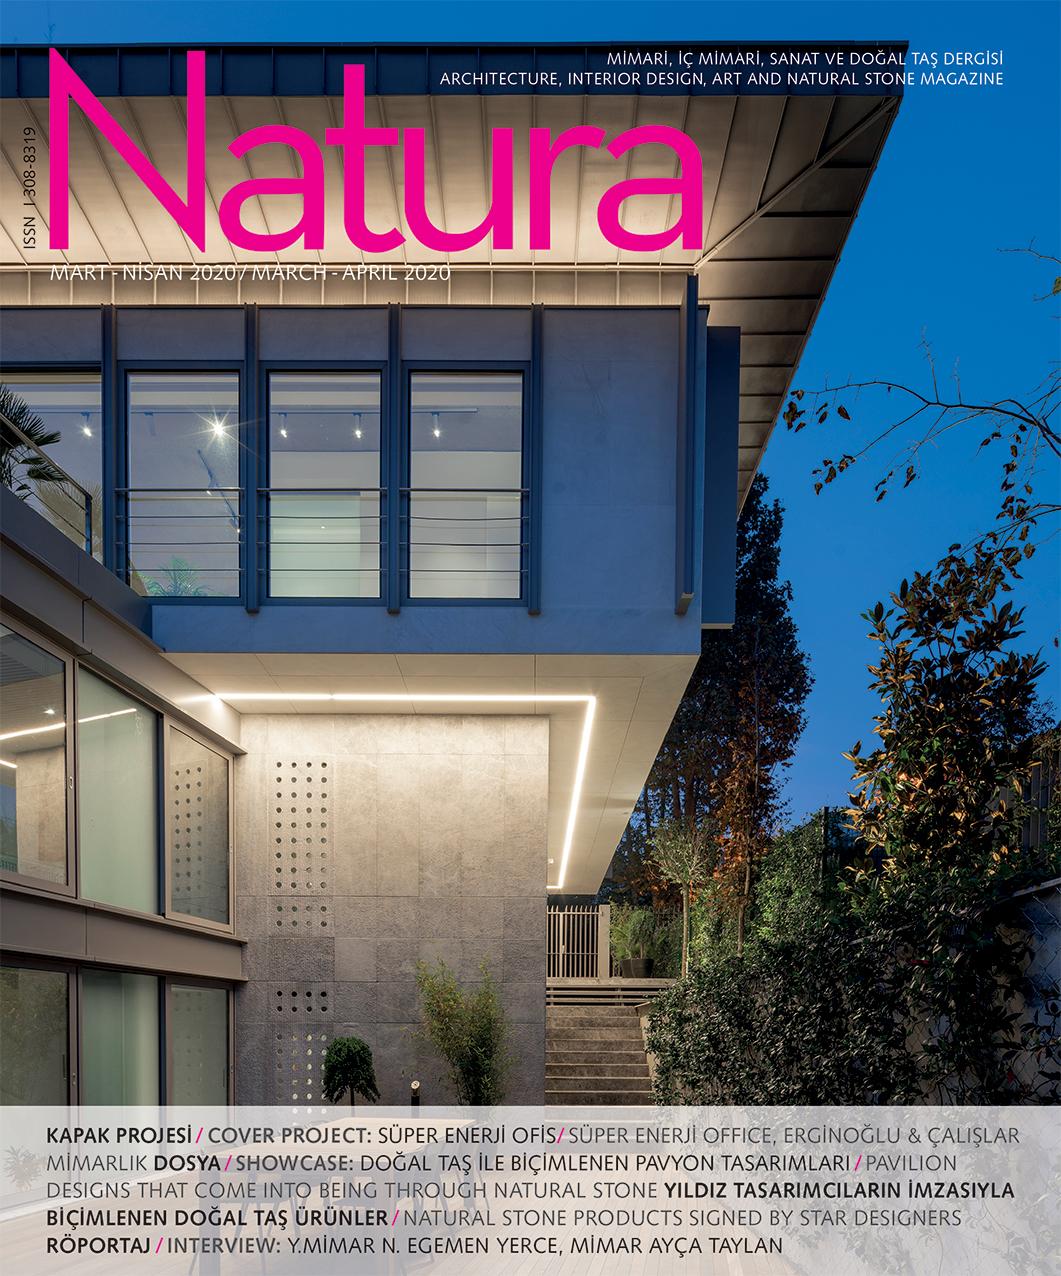 Natura Mart-Nisan / Natura March-April